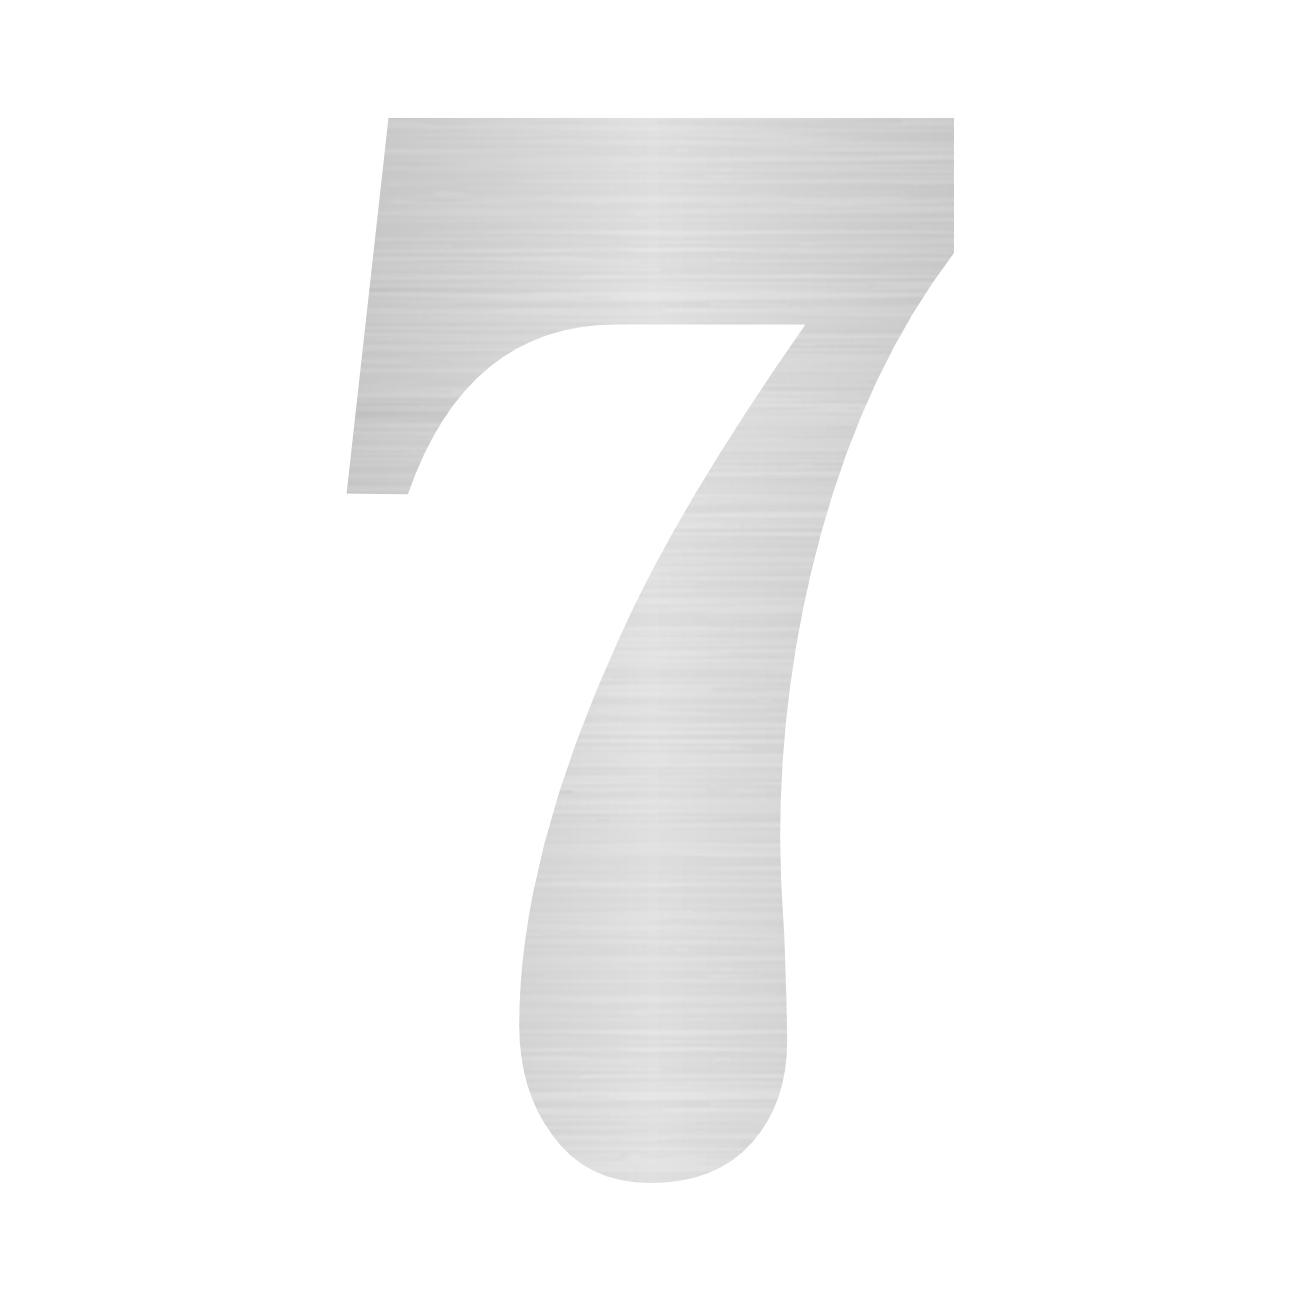 تابلو نشانگر مستر راد طرح پلاک واحد شماره 7کد 07 S